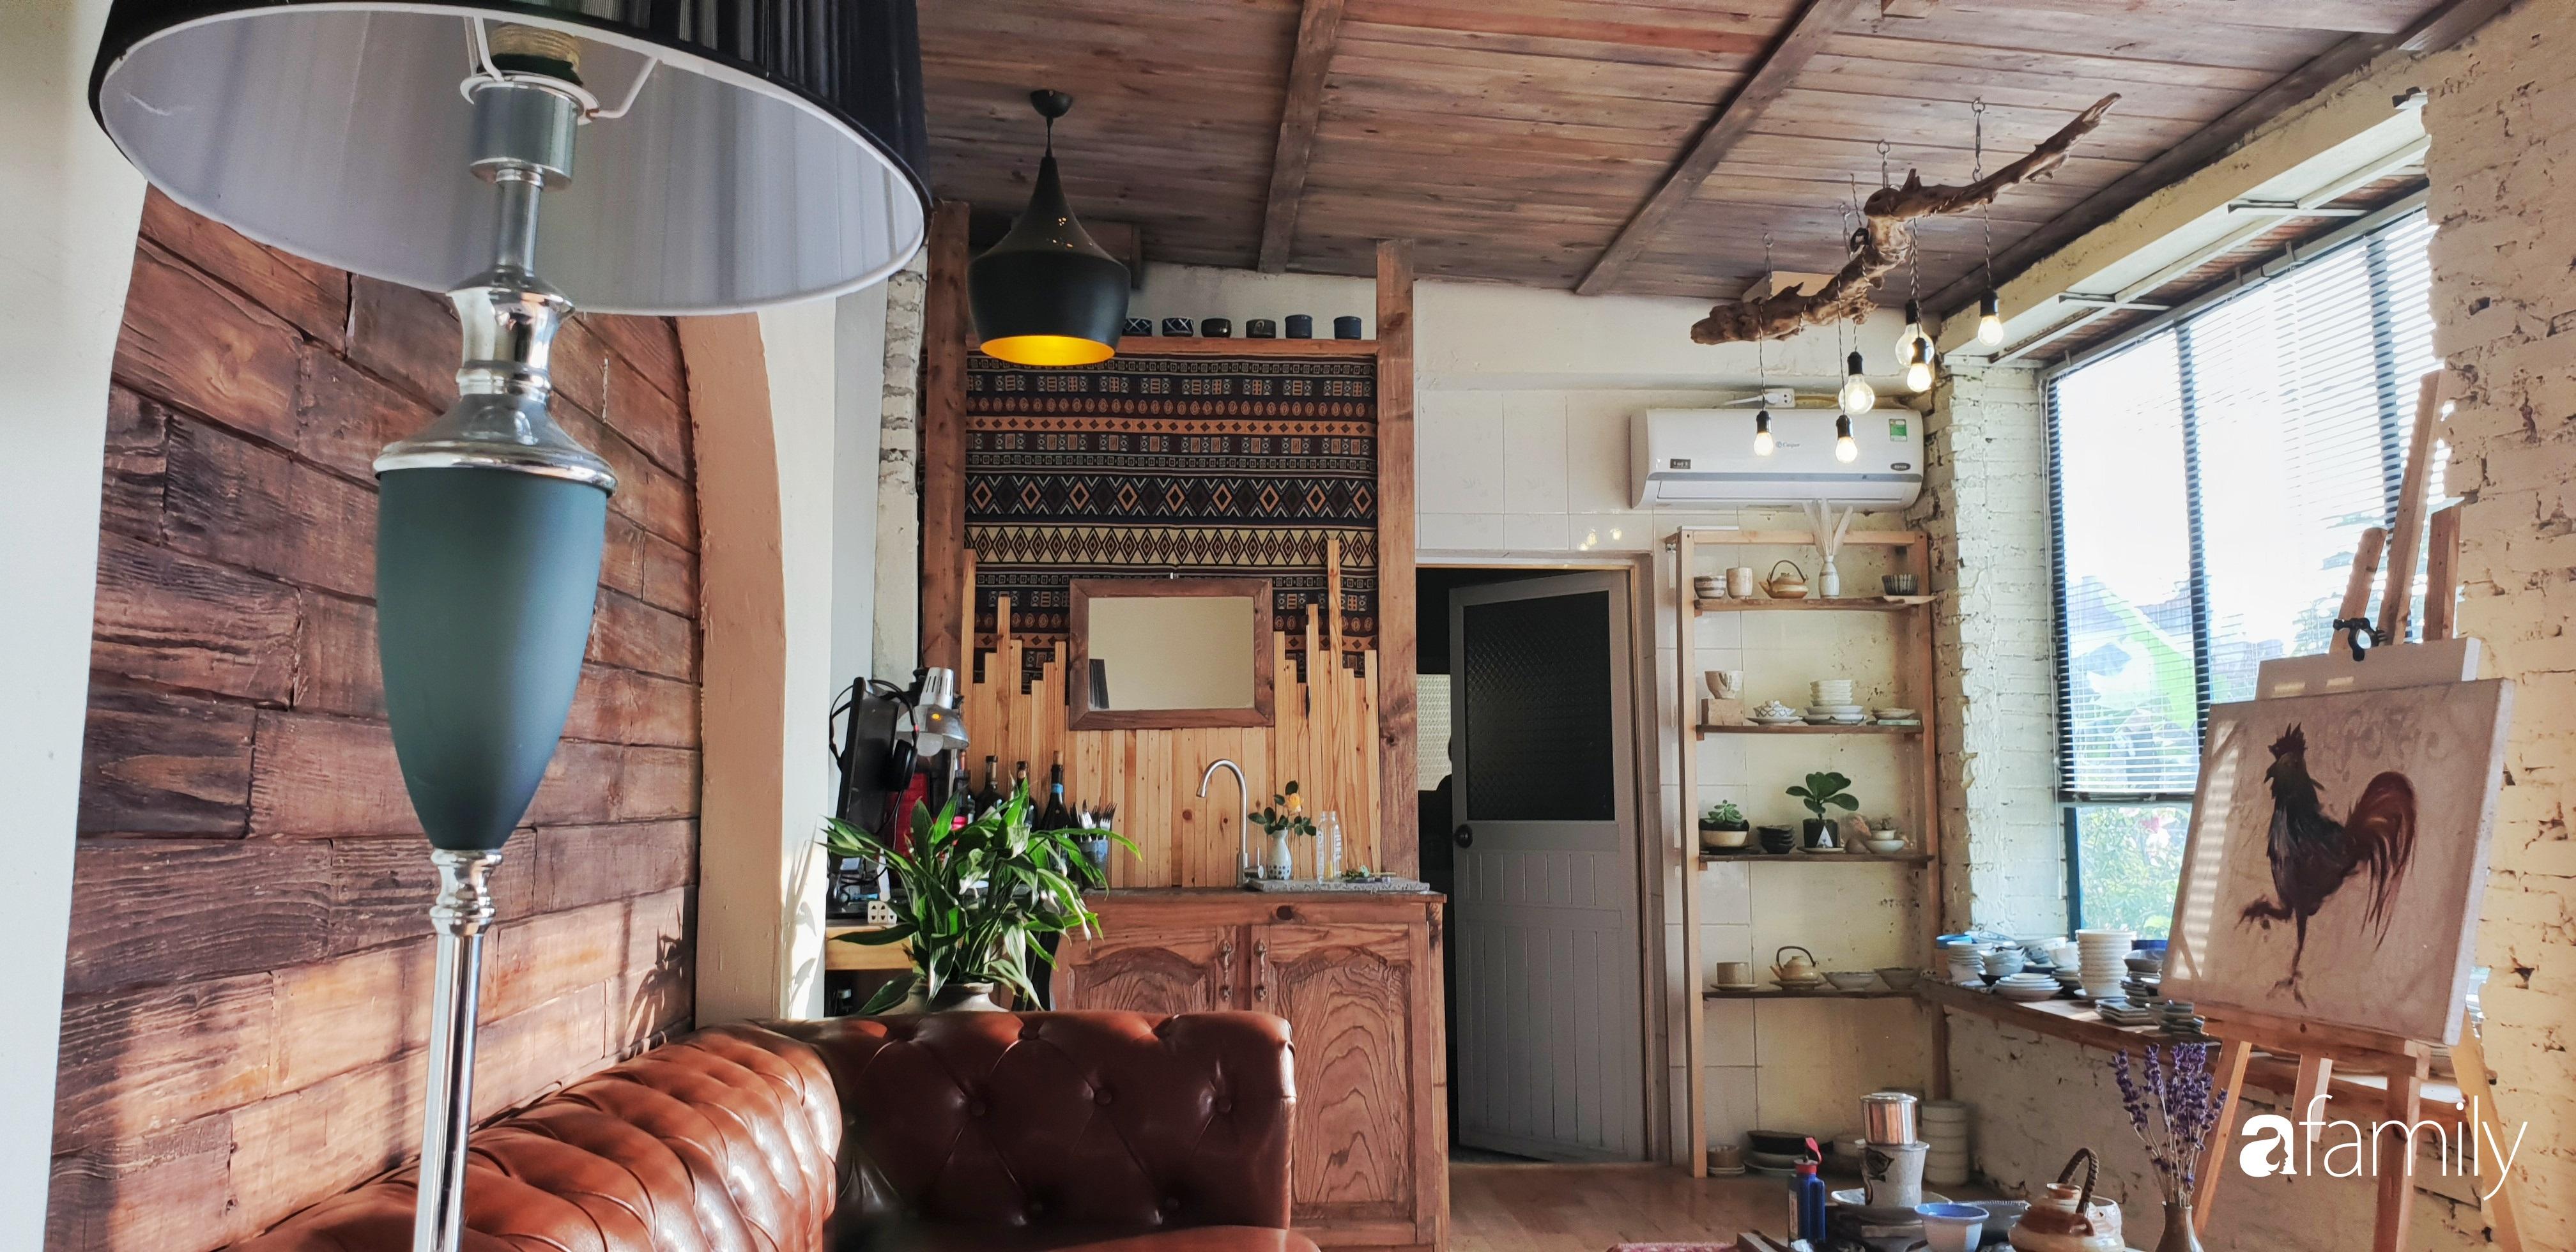 Chàng trai miền Trung biến nhà kho cũ thành ngôi nhà hạnh phúc đẹp lãng mạn cho hai vợ chồng - Ảnh 9.